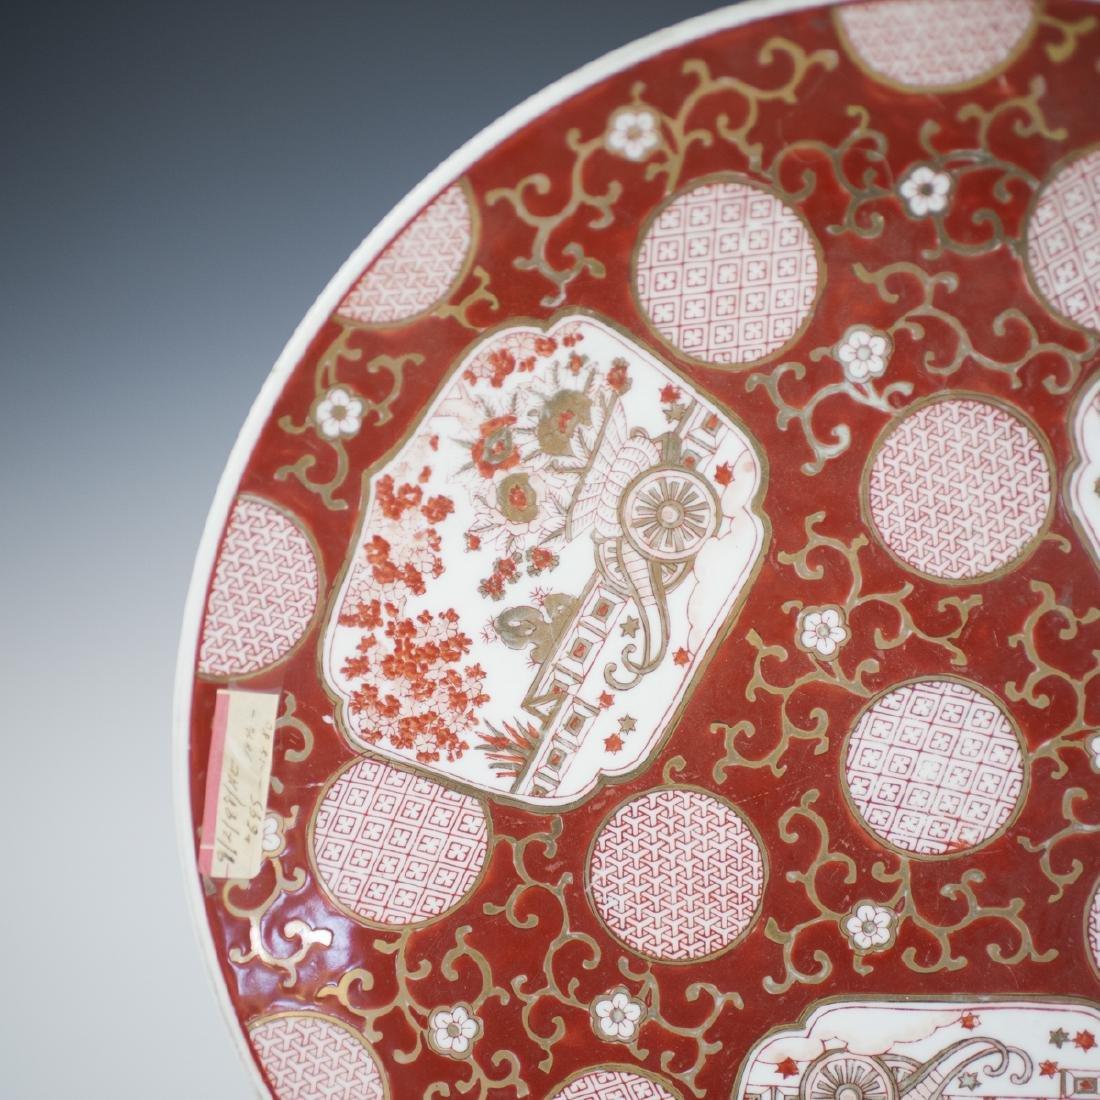 Japanese Kutani Enameled Porcelain Charger - 4